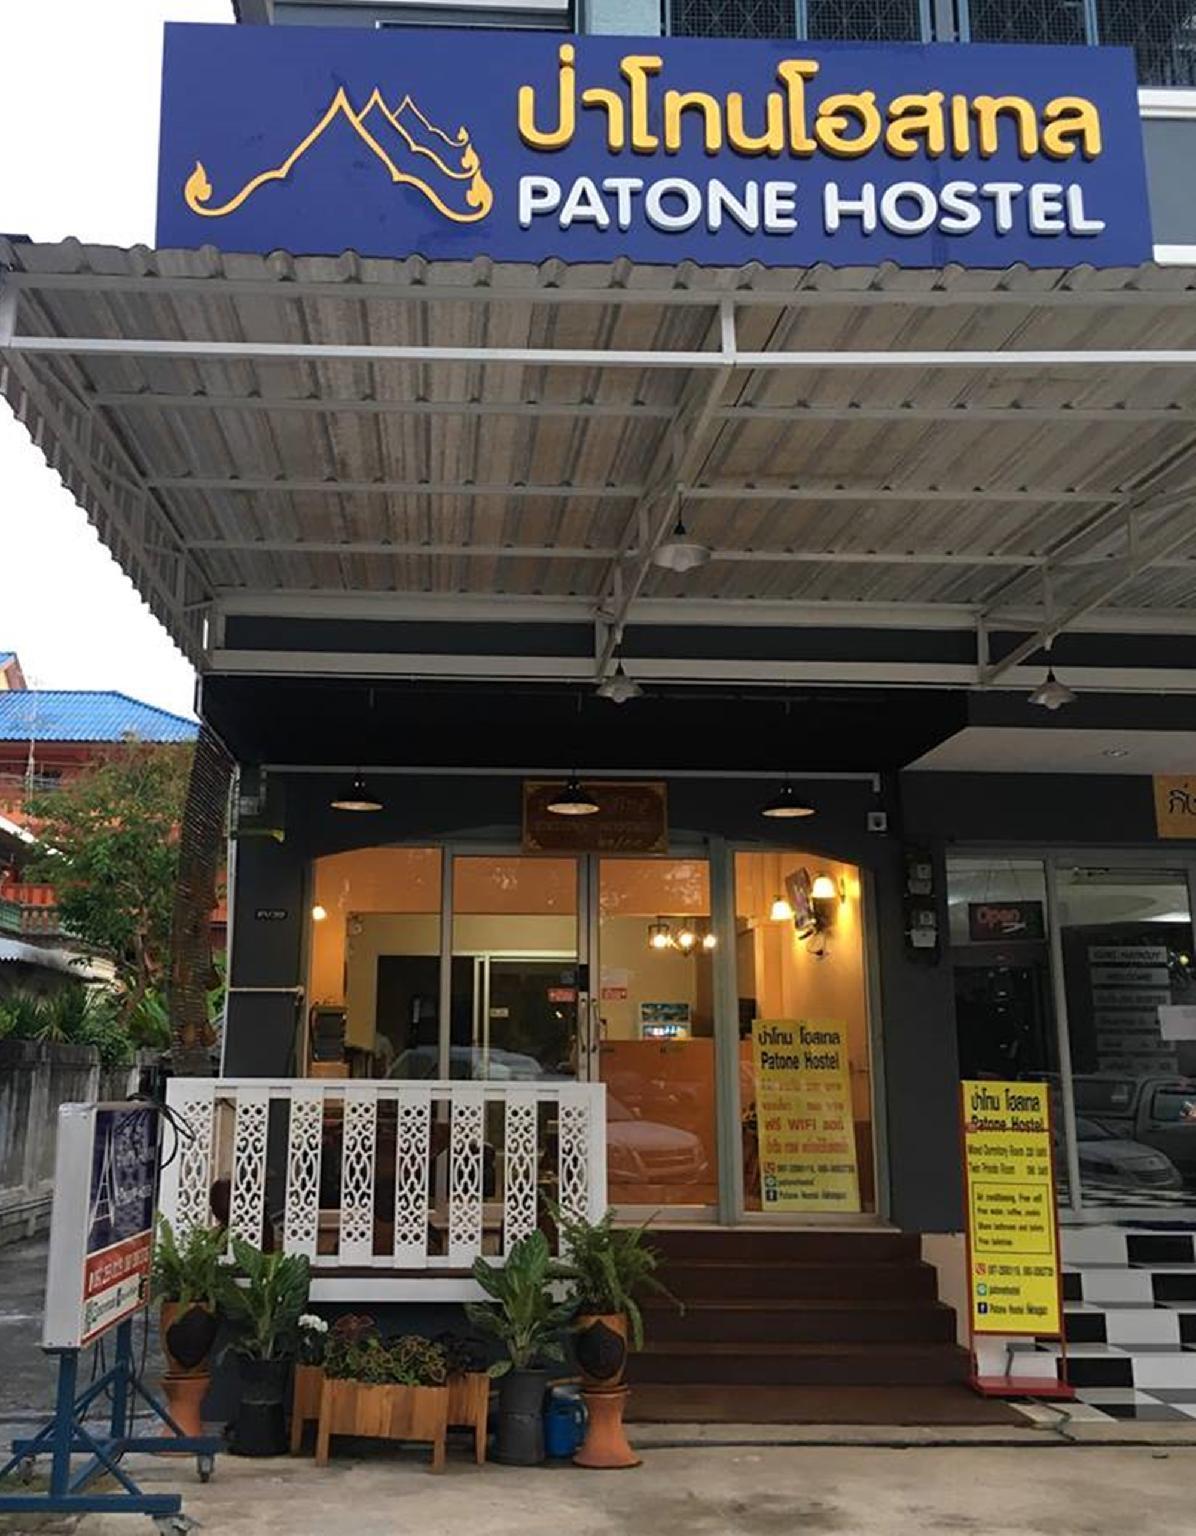 Patone Hostel